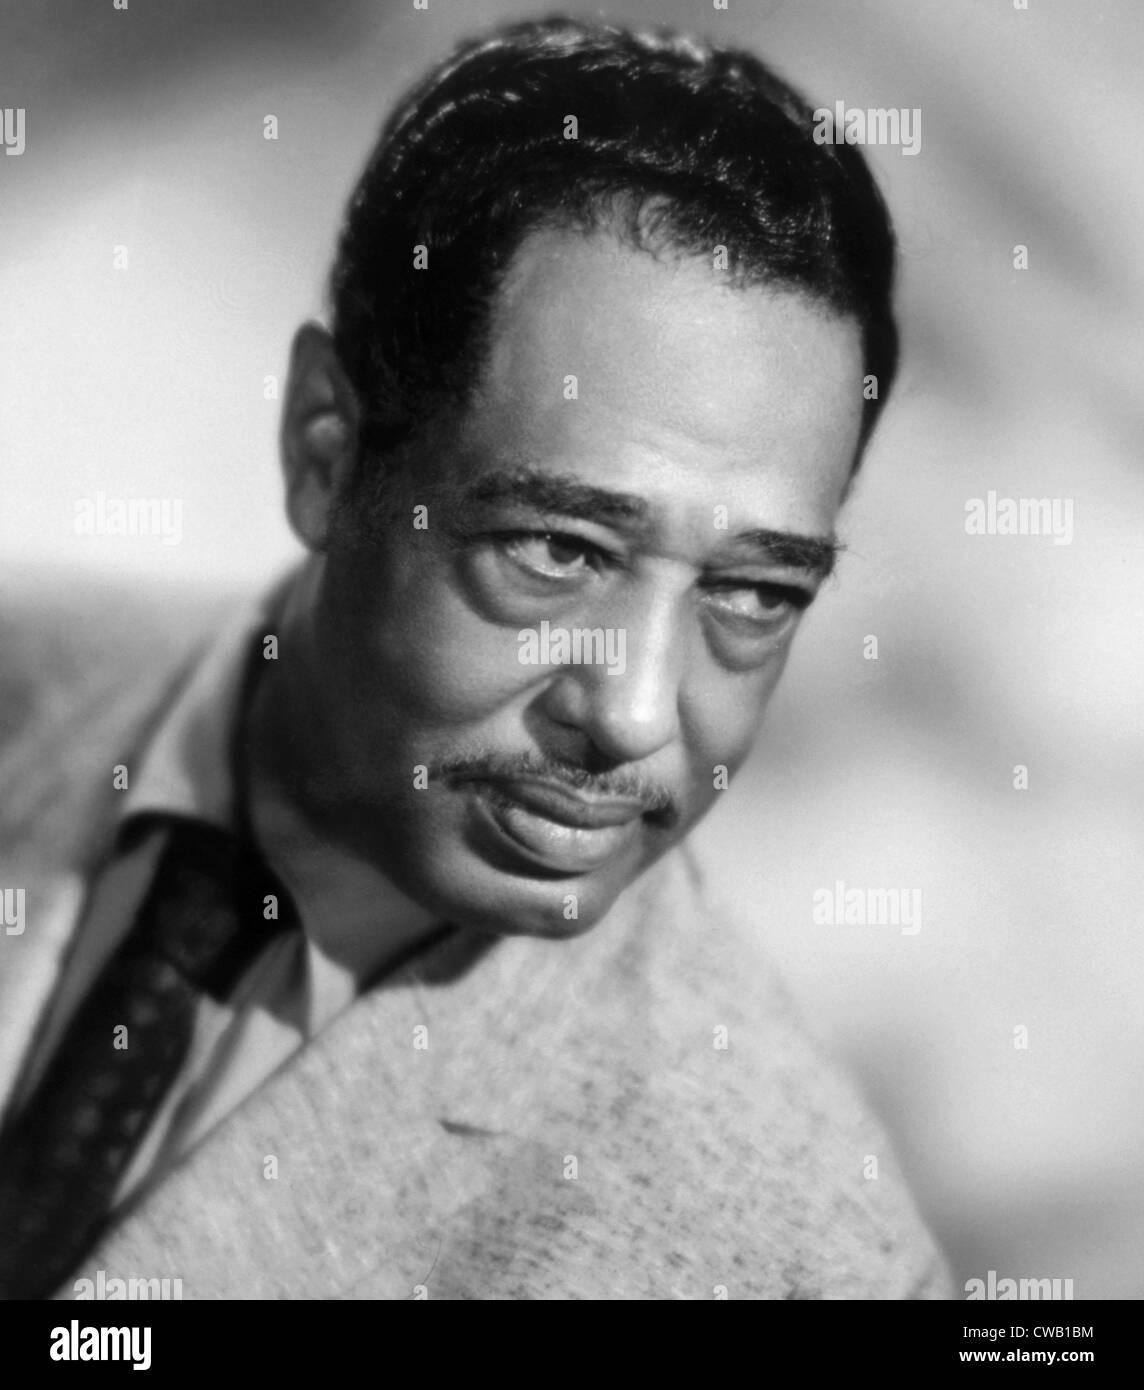 Duke Ellington, ca. 1950 - Stock Image